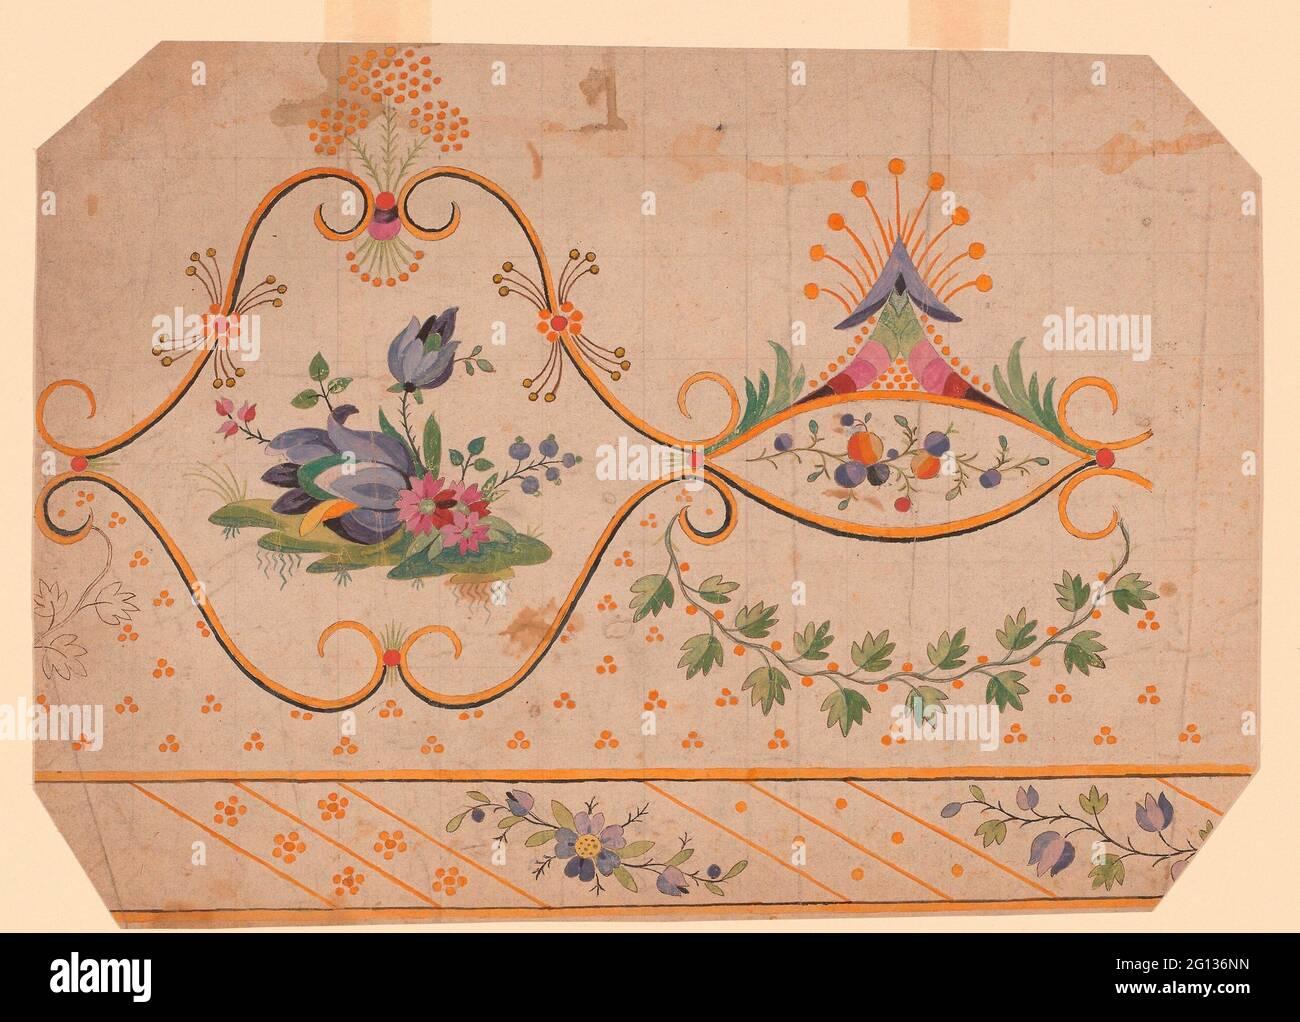 Design pour une bordure tissée, imprimée ou brodée - 18e/19e siècle - France. Conception sur papier. 1701 - 1900. Banque D'Images